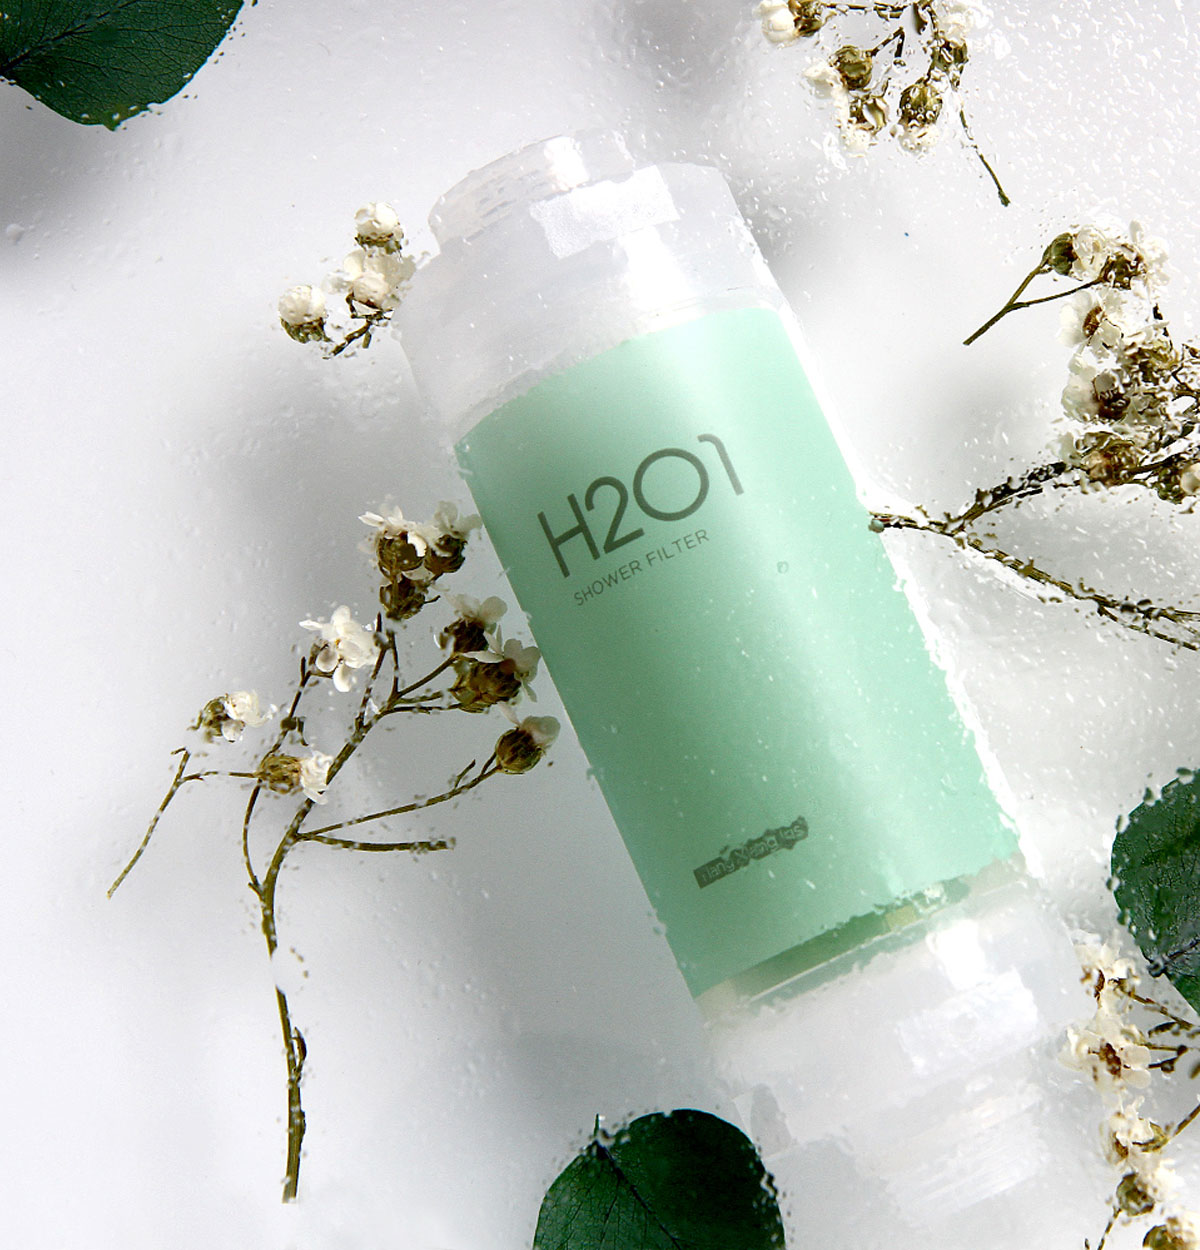 H2O1 Vitamin Shower Filter วิตามินสำหรับอาบน้ำ กลิ่นดอกอิลังอิลังไอริช